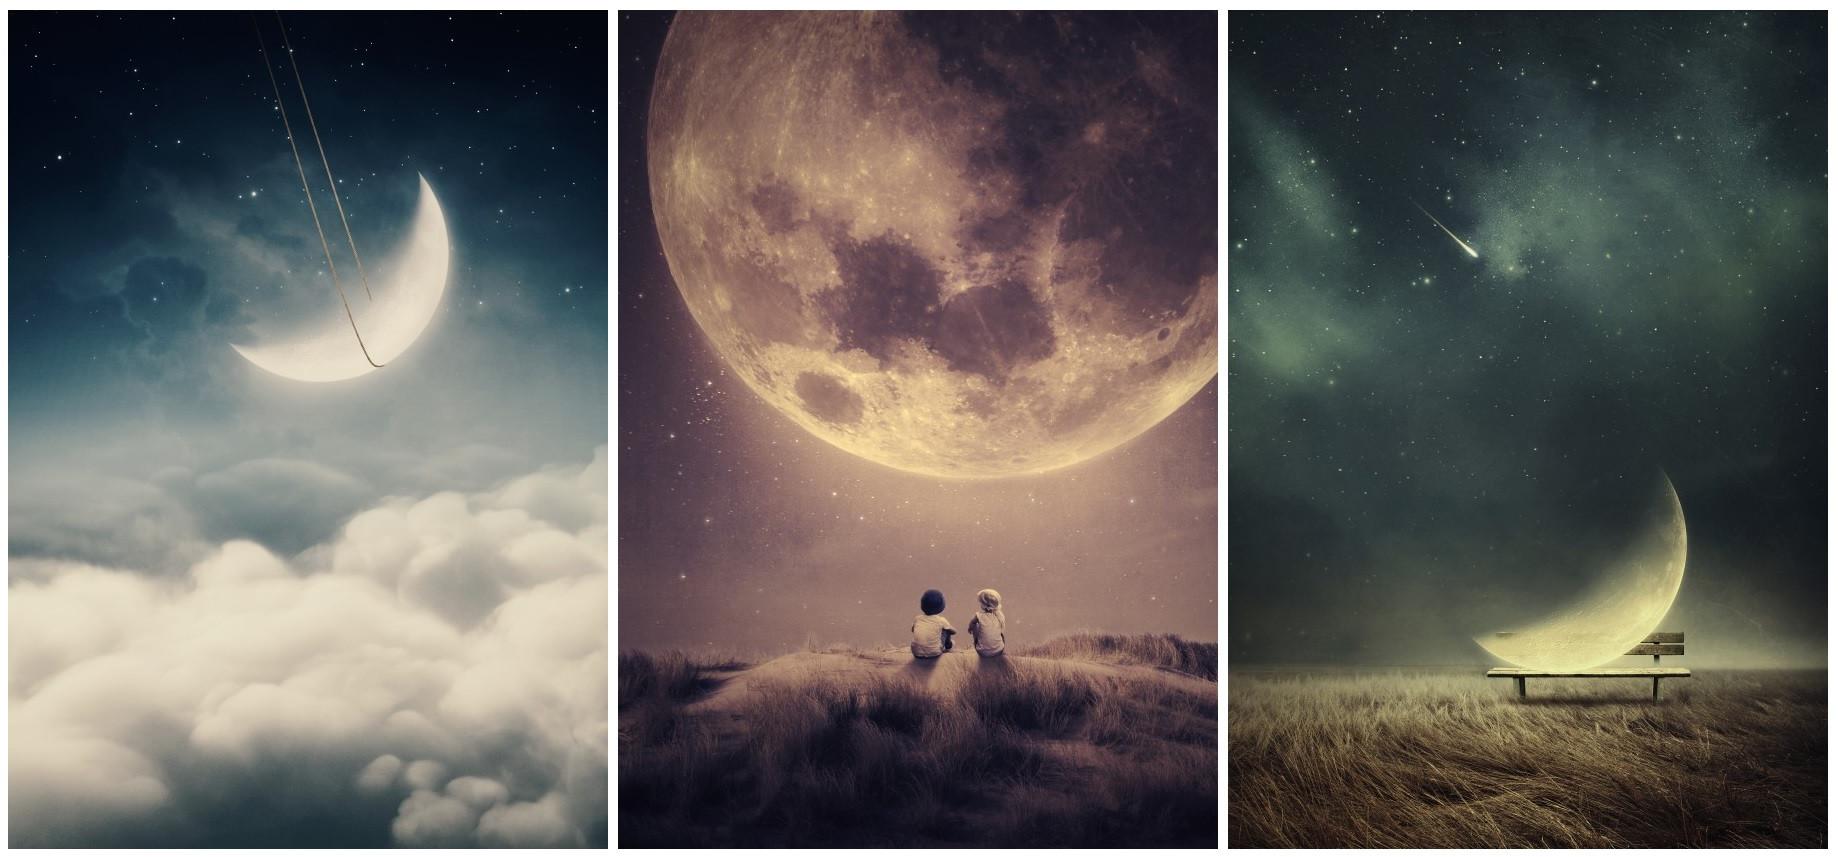 moon-night-dream-like-photo-manipulations-by-albulena-panduri